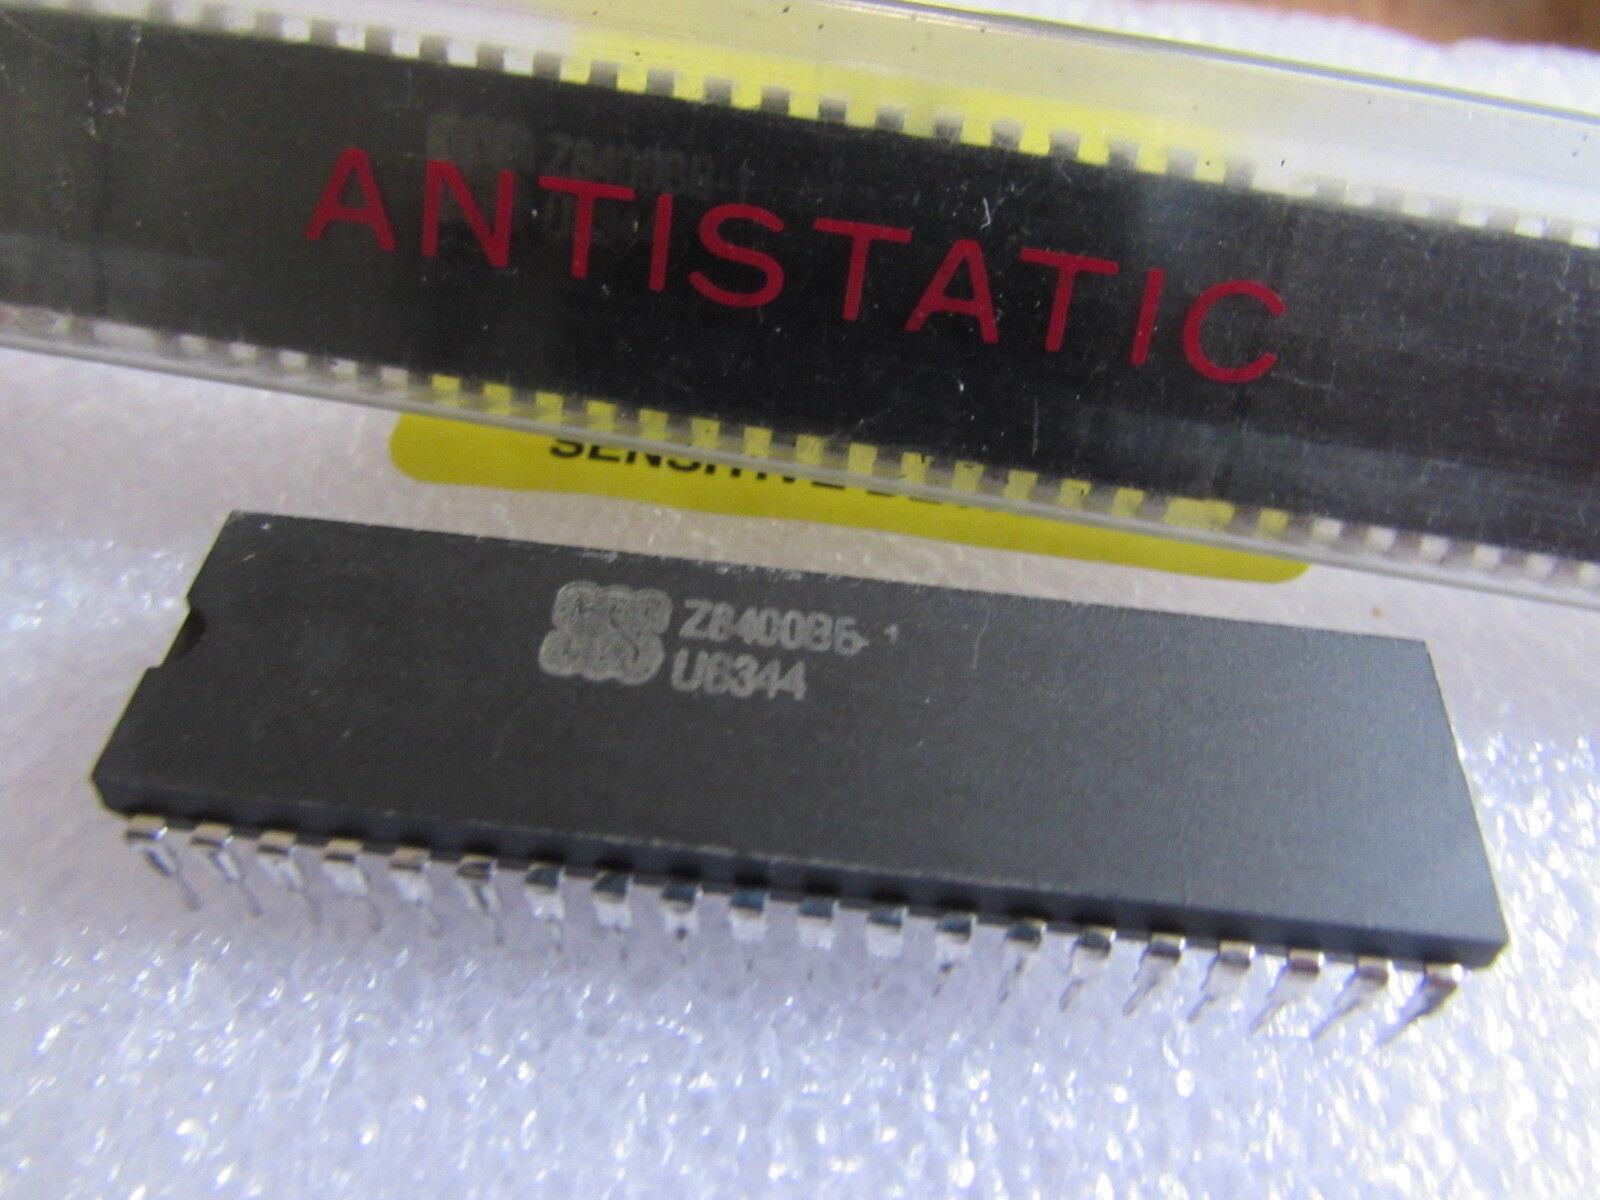 SGS or SCS Z8400BB1 Z80B CPU chip 40-pin IC 1987 vintage